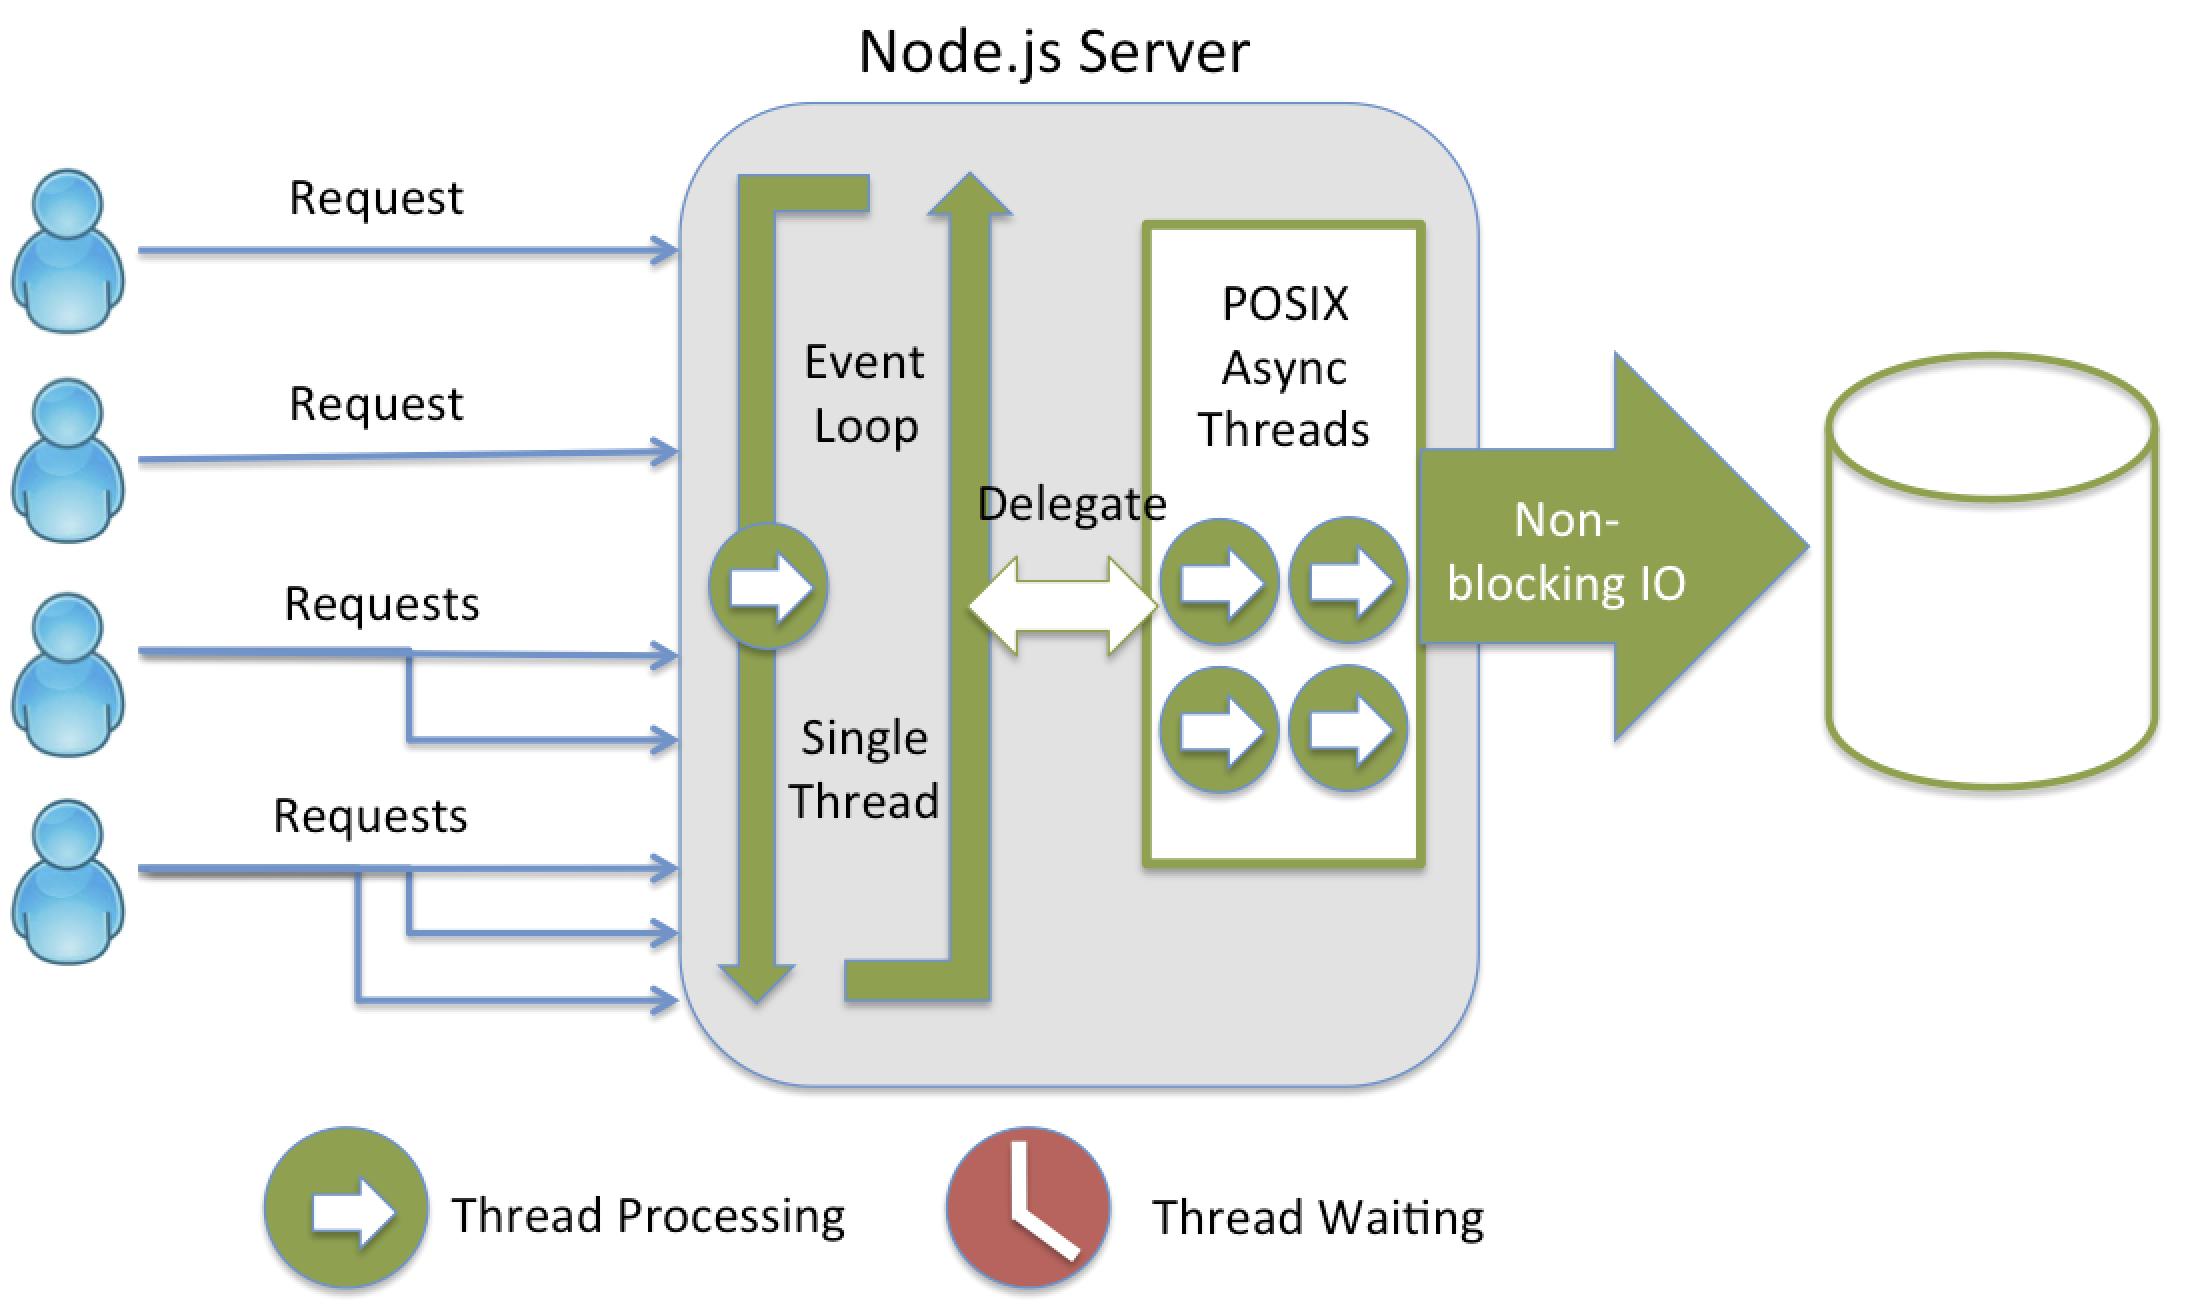 Node.js processing model